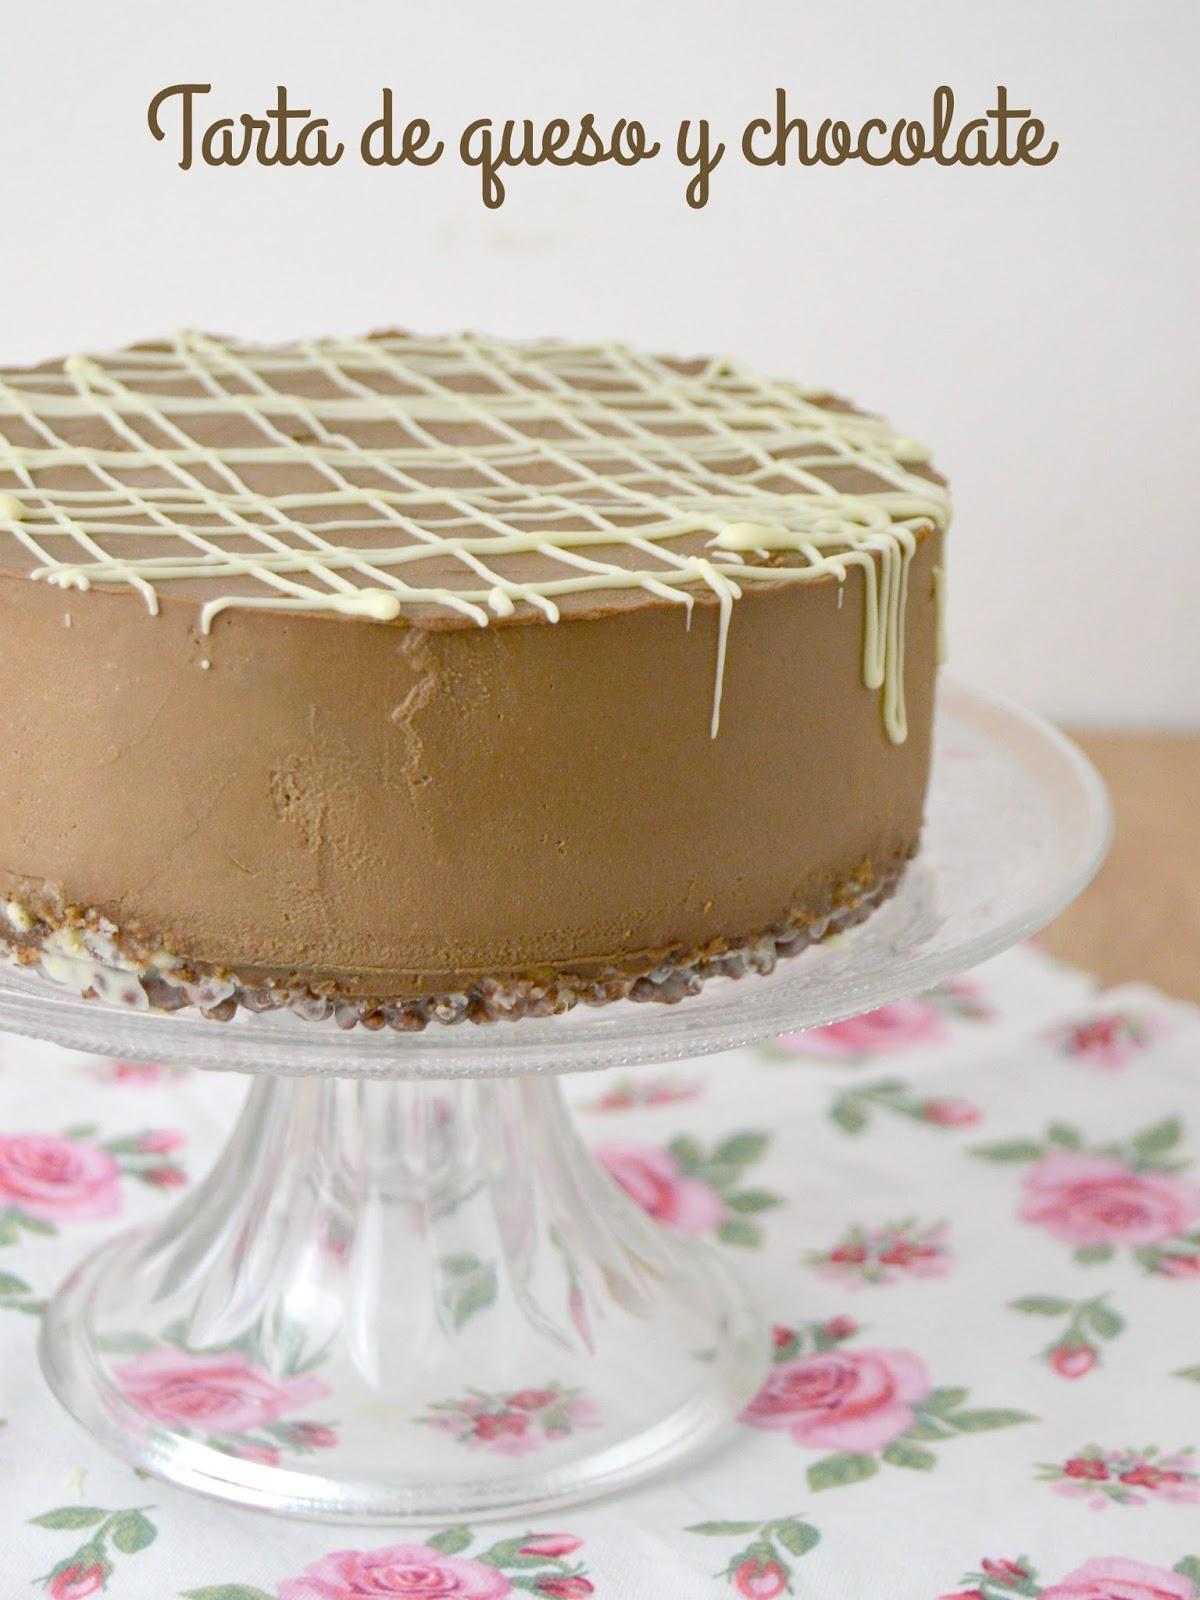 Tarta fría de queso con chocolate | Cuuking! Recetas de cocina